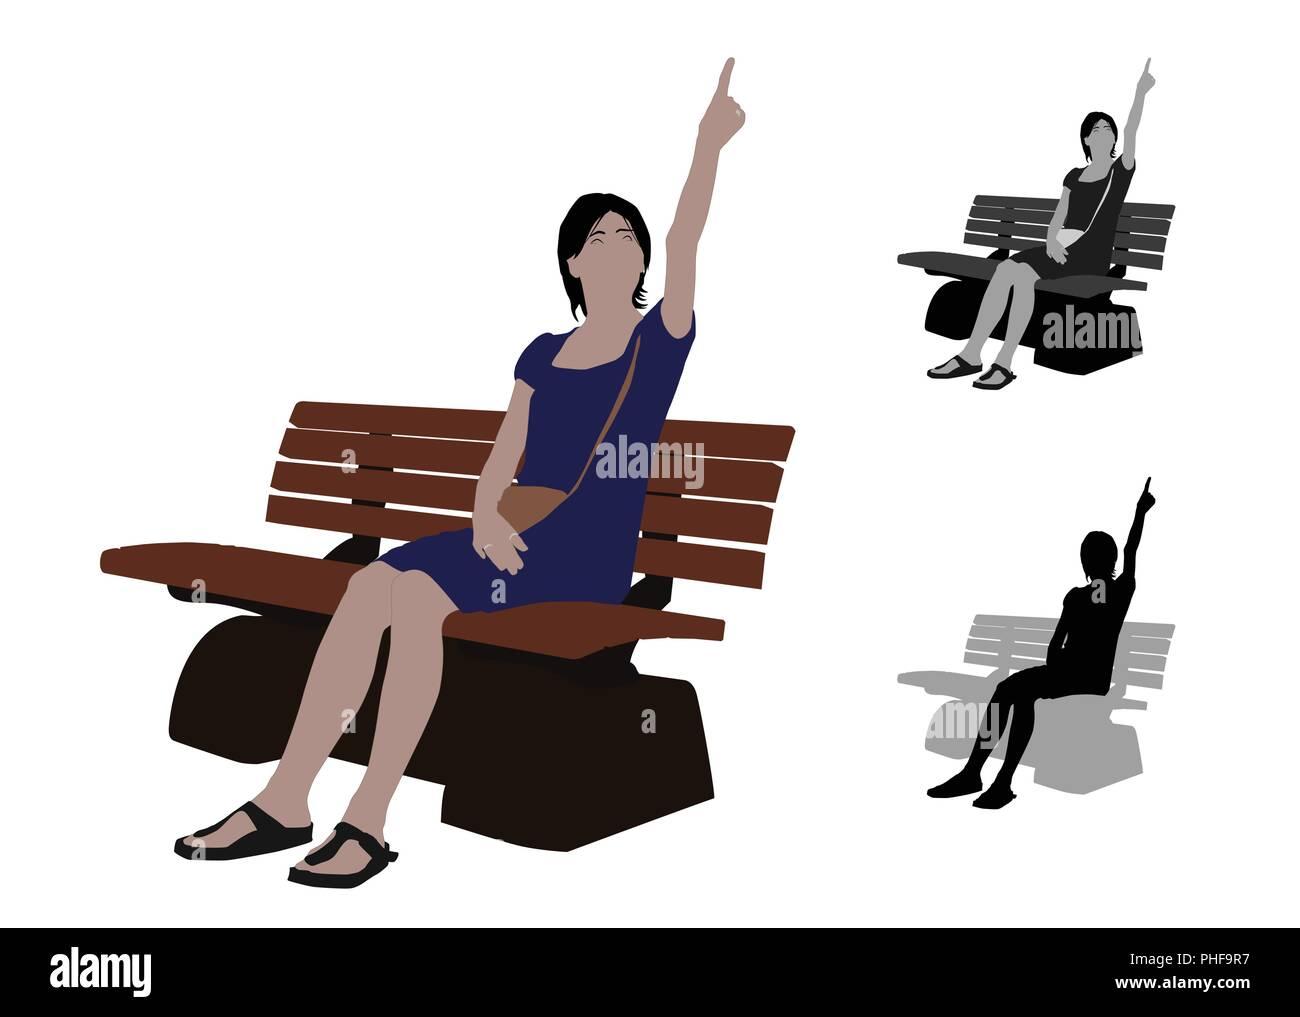 Realistico di colore piatto illustrazione di una donna informale rivolta verso l'alto mentre si siede una panchina nel parco Immagini Stock